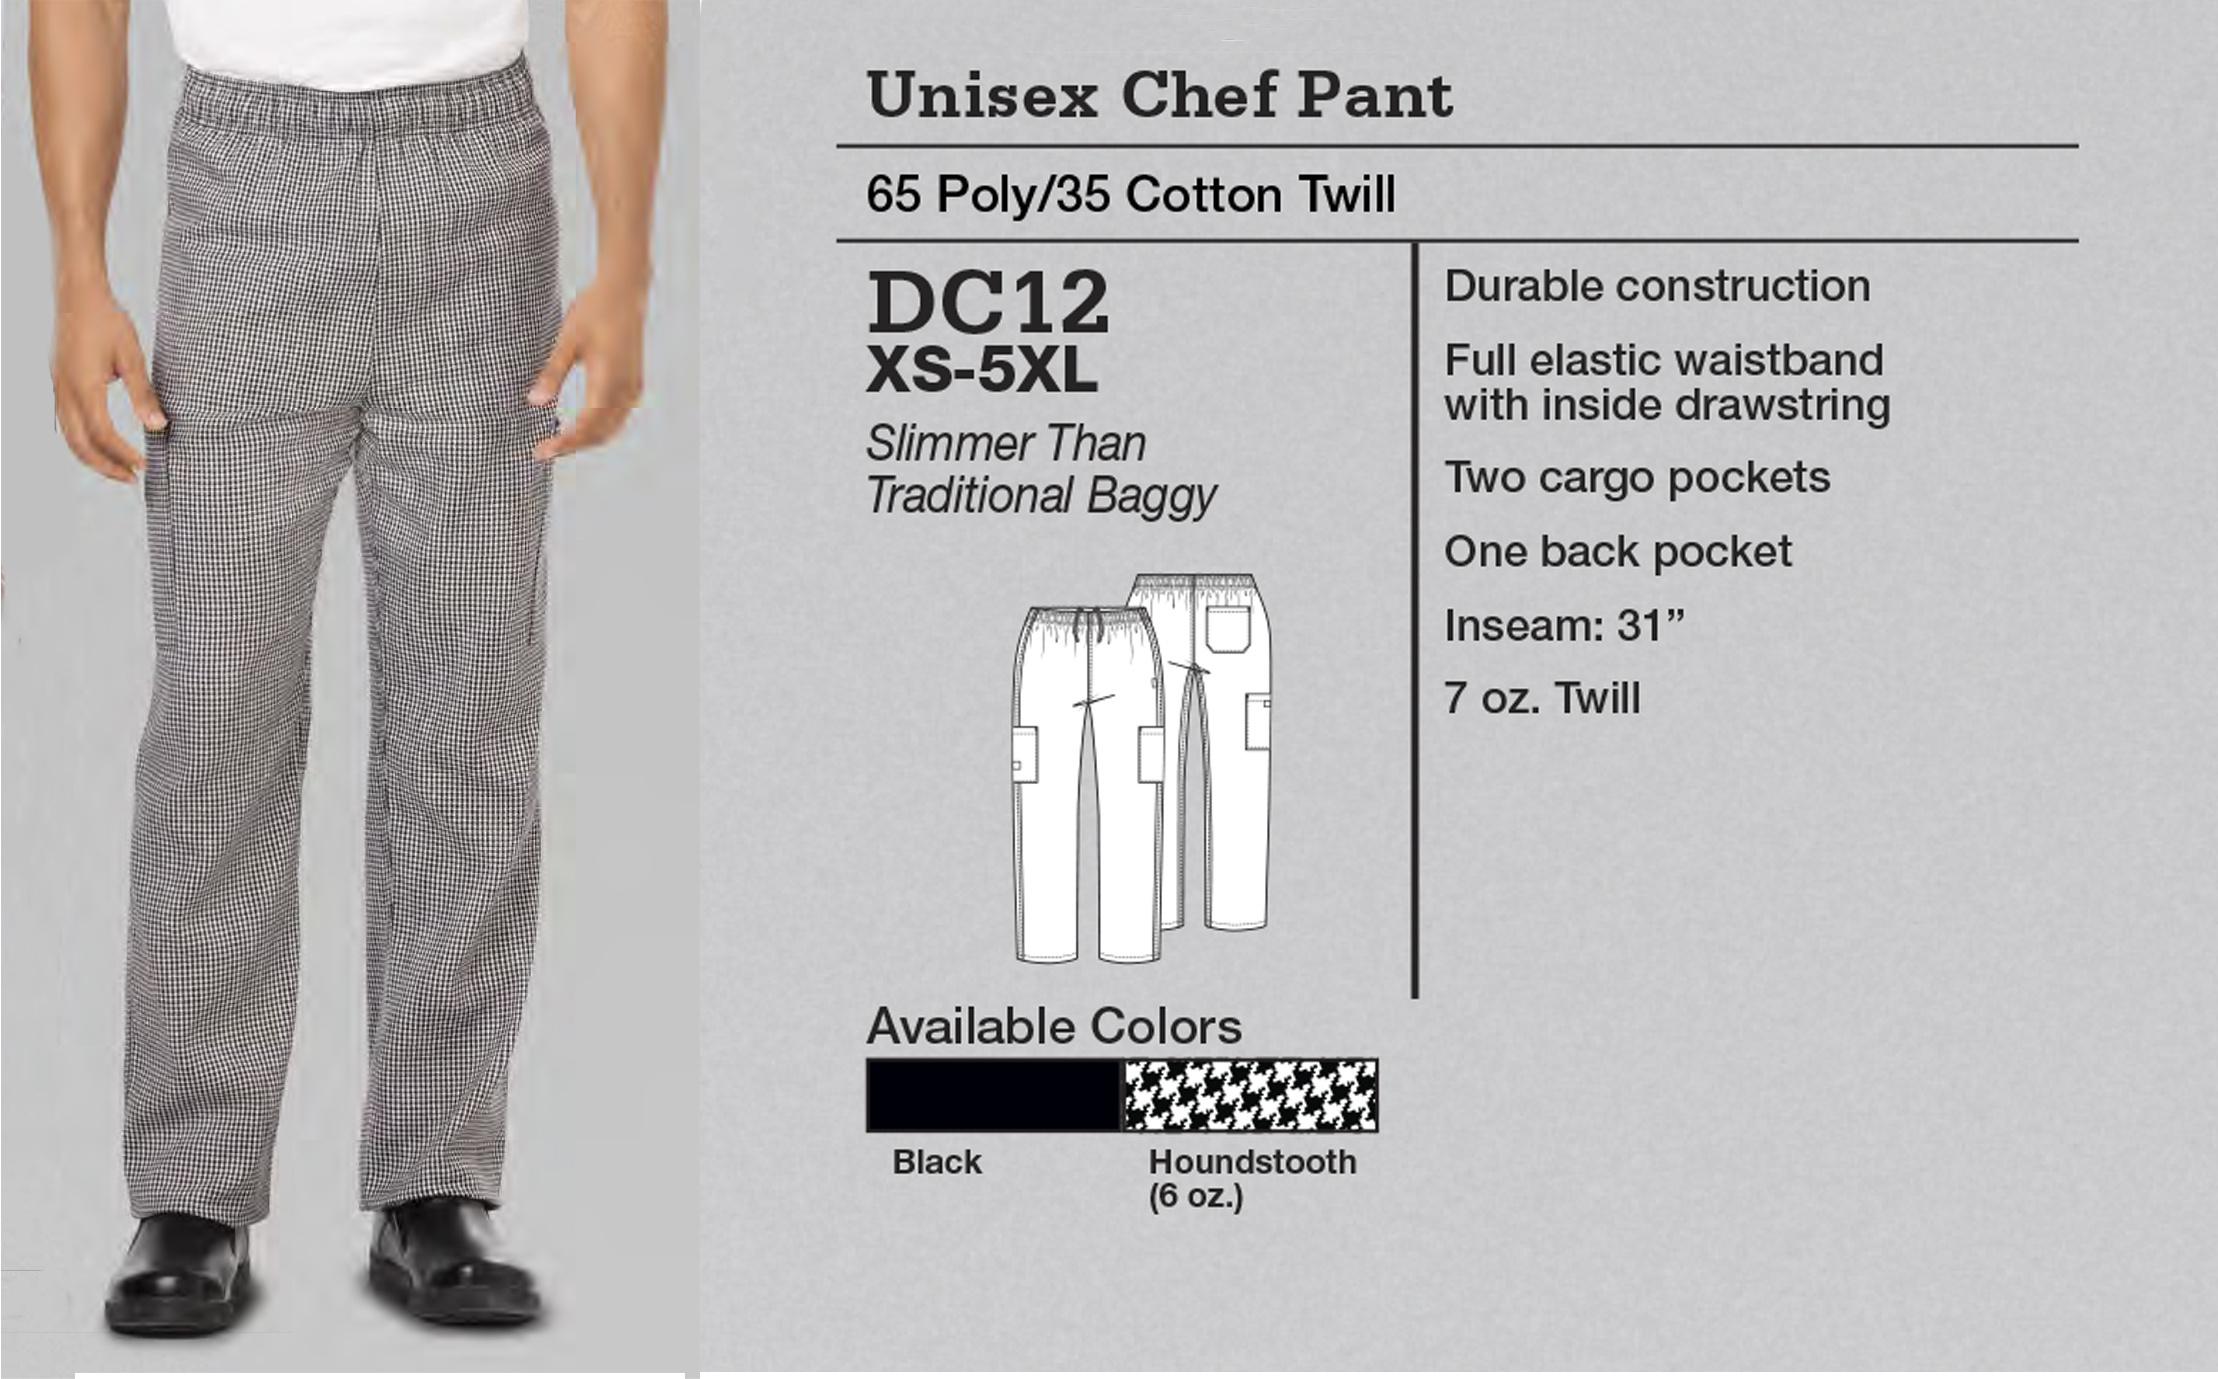 Pantalón de Chef Unisex. DC12.